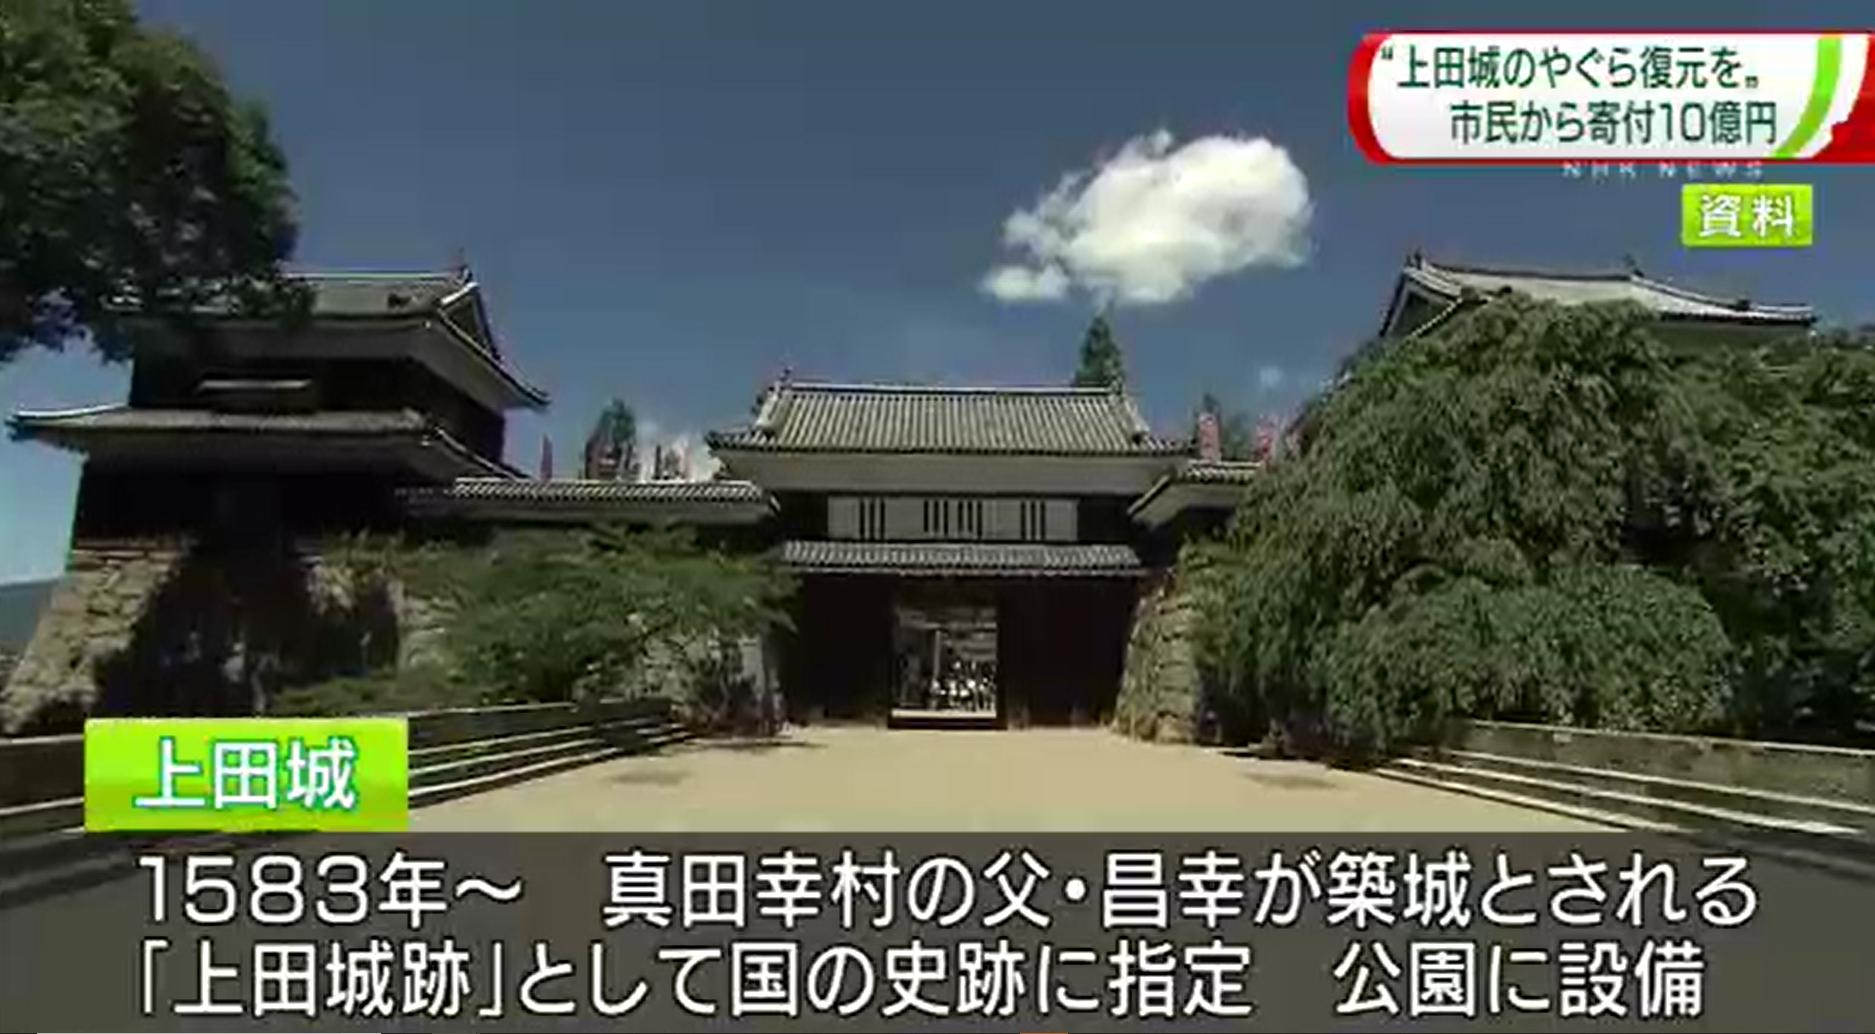 10億円の寄付から上田城のやぐらを復元へ🌻